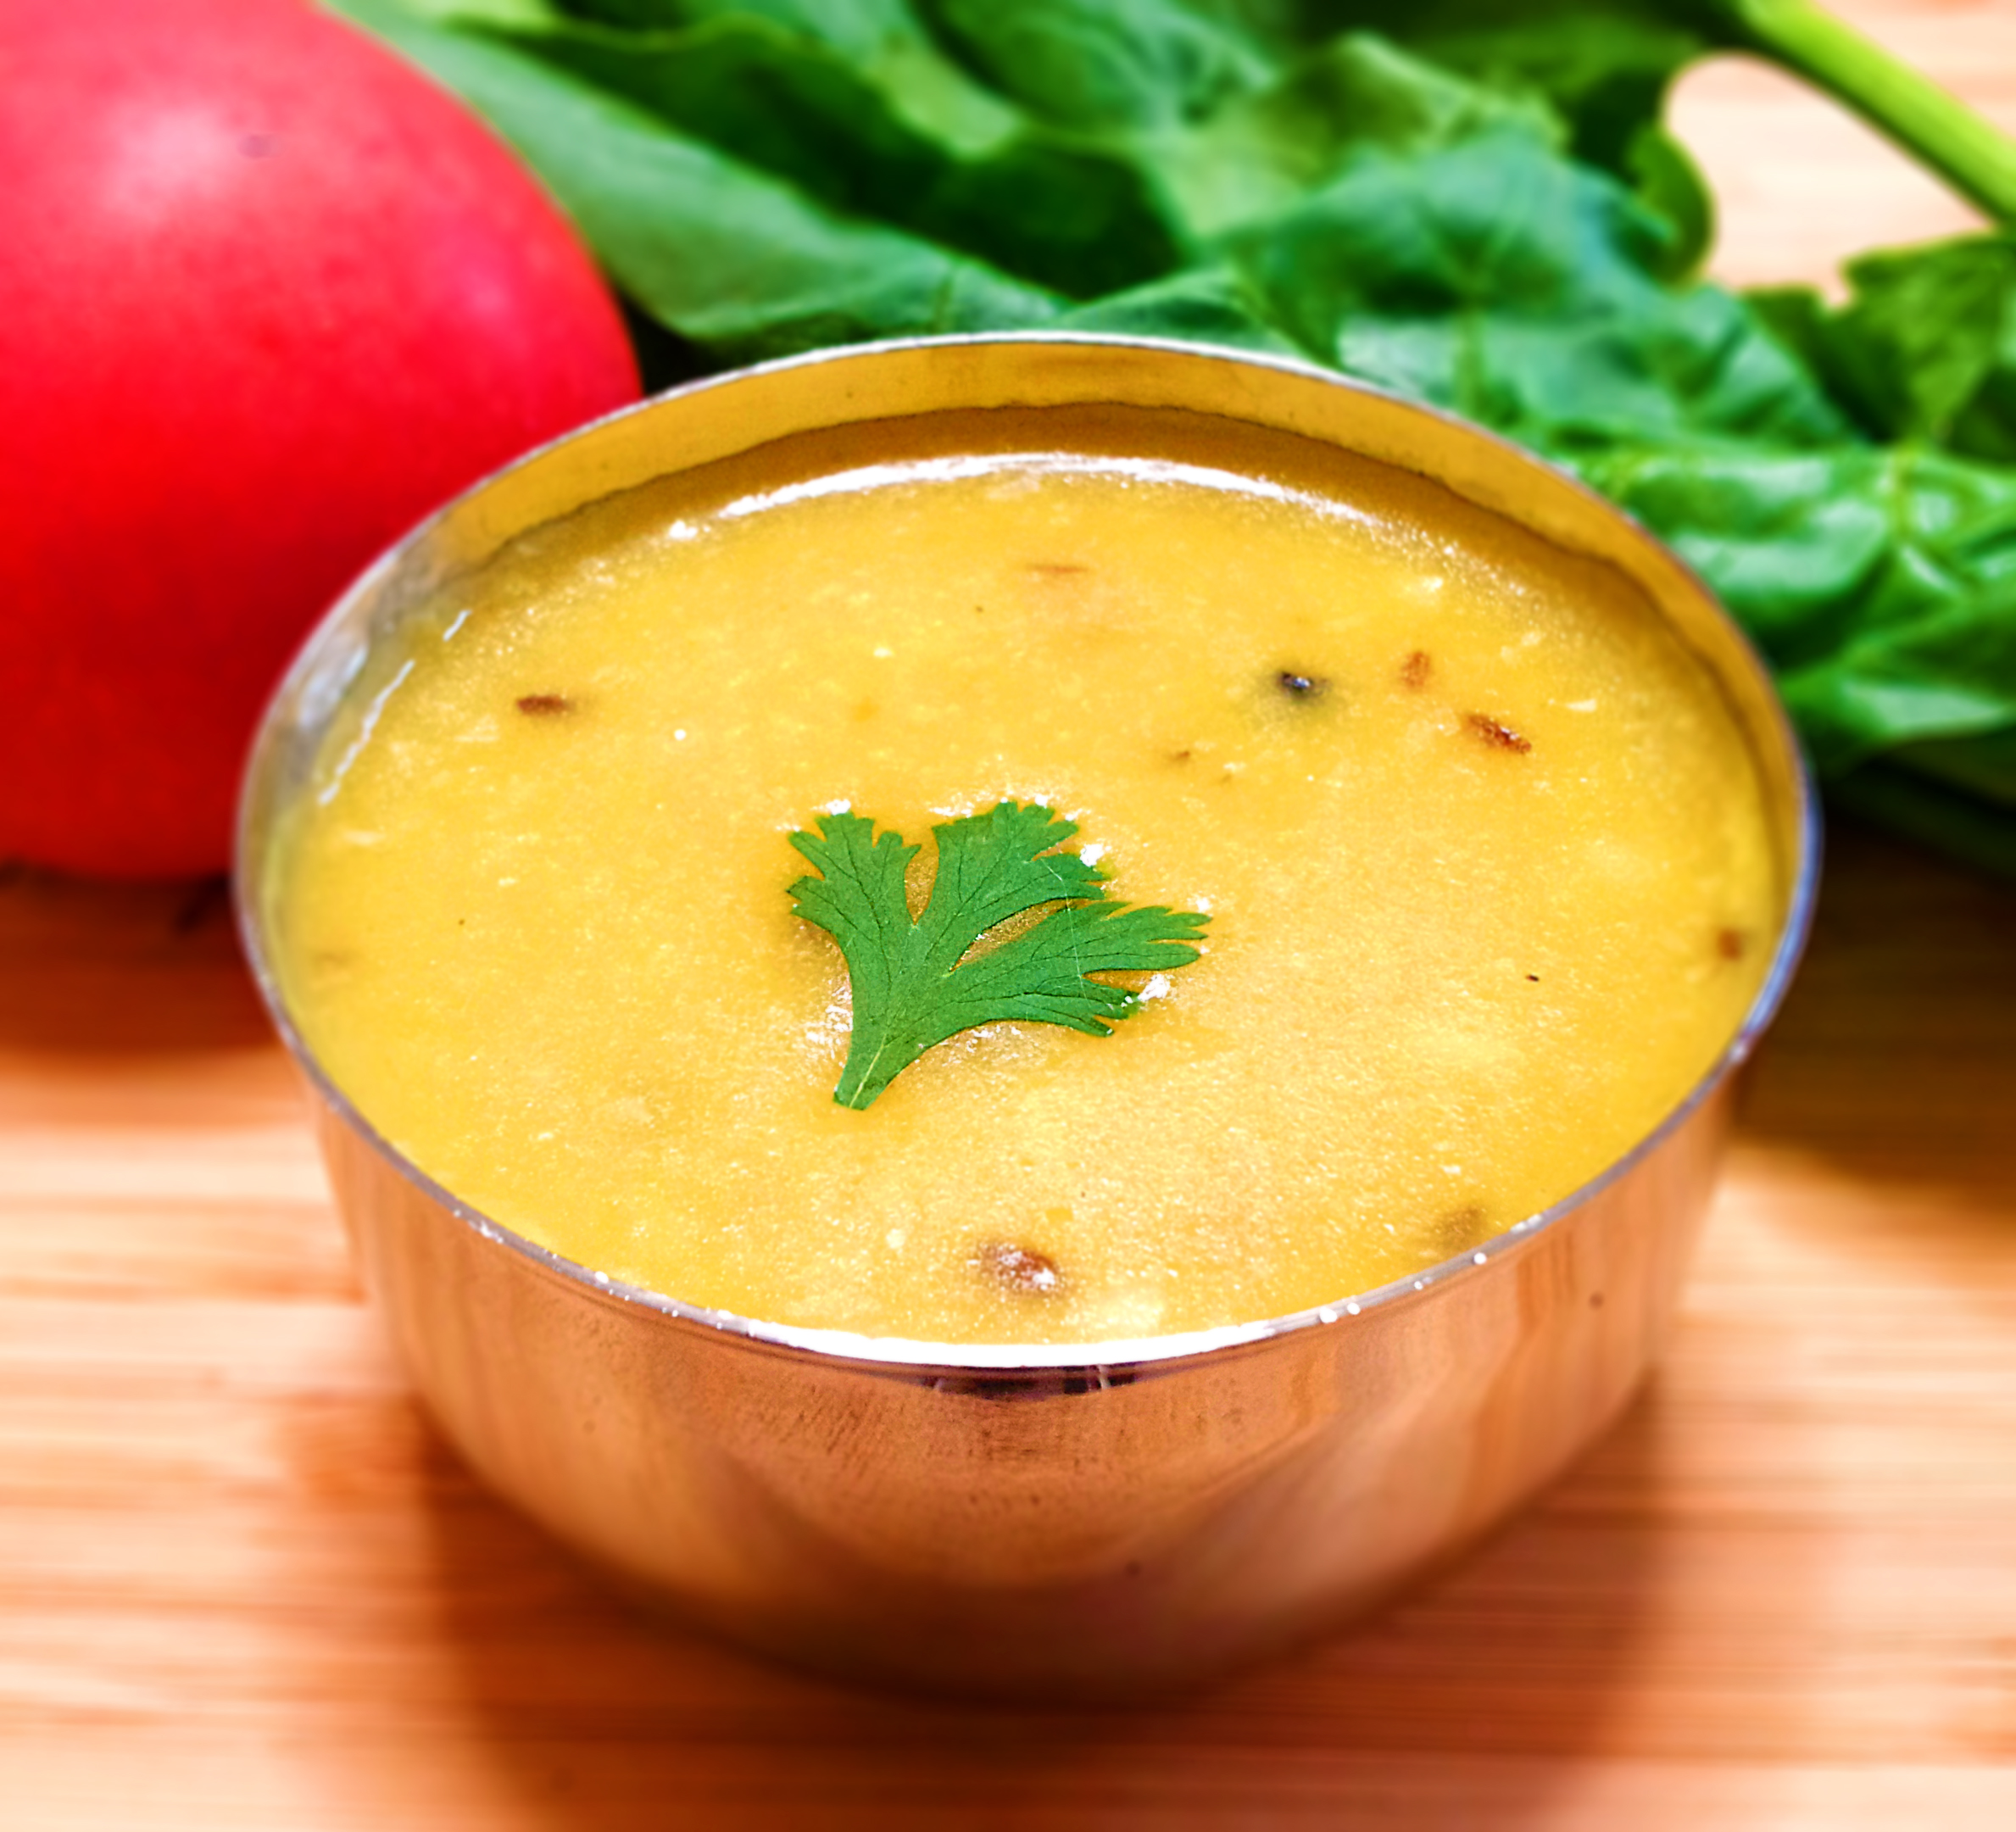 ダール(豆のポタージュスープ)の写真